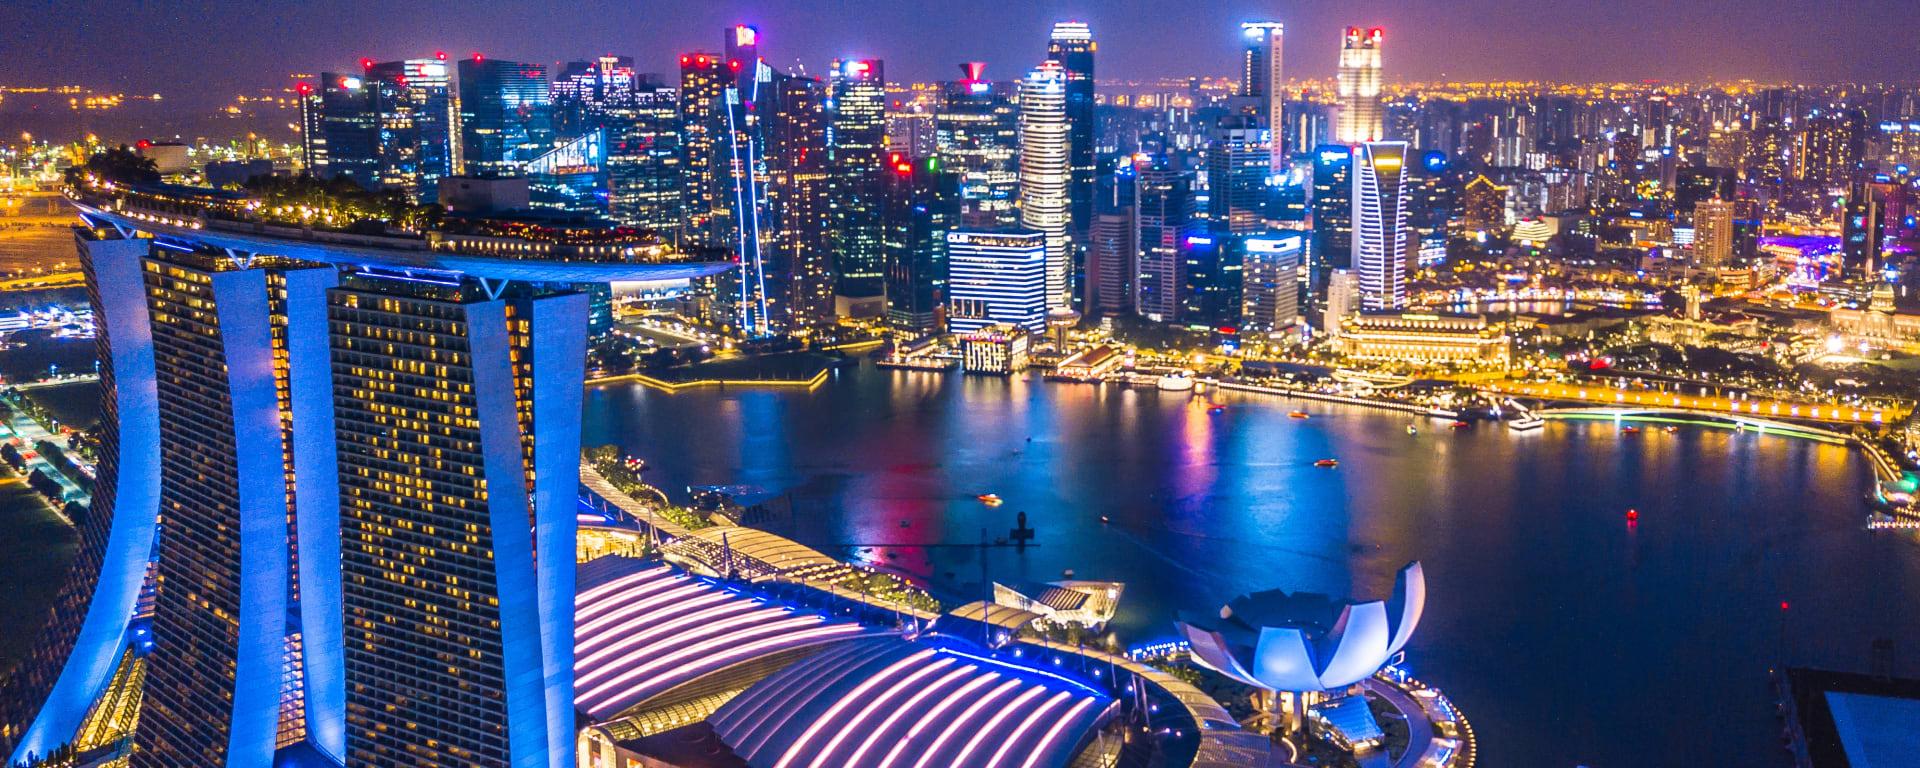 Singapur entdecken mit Tischler Reisen: Singapur Marina Bay Skyline